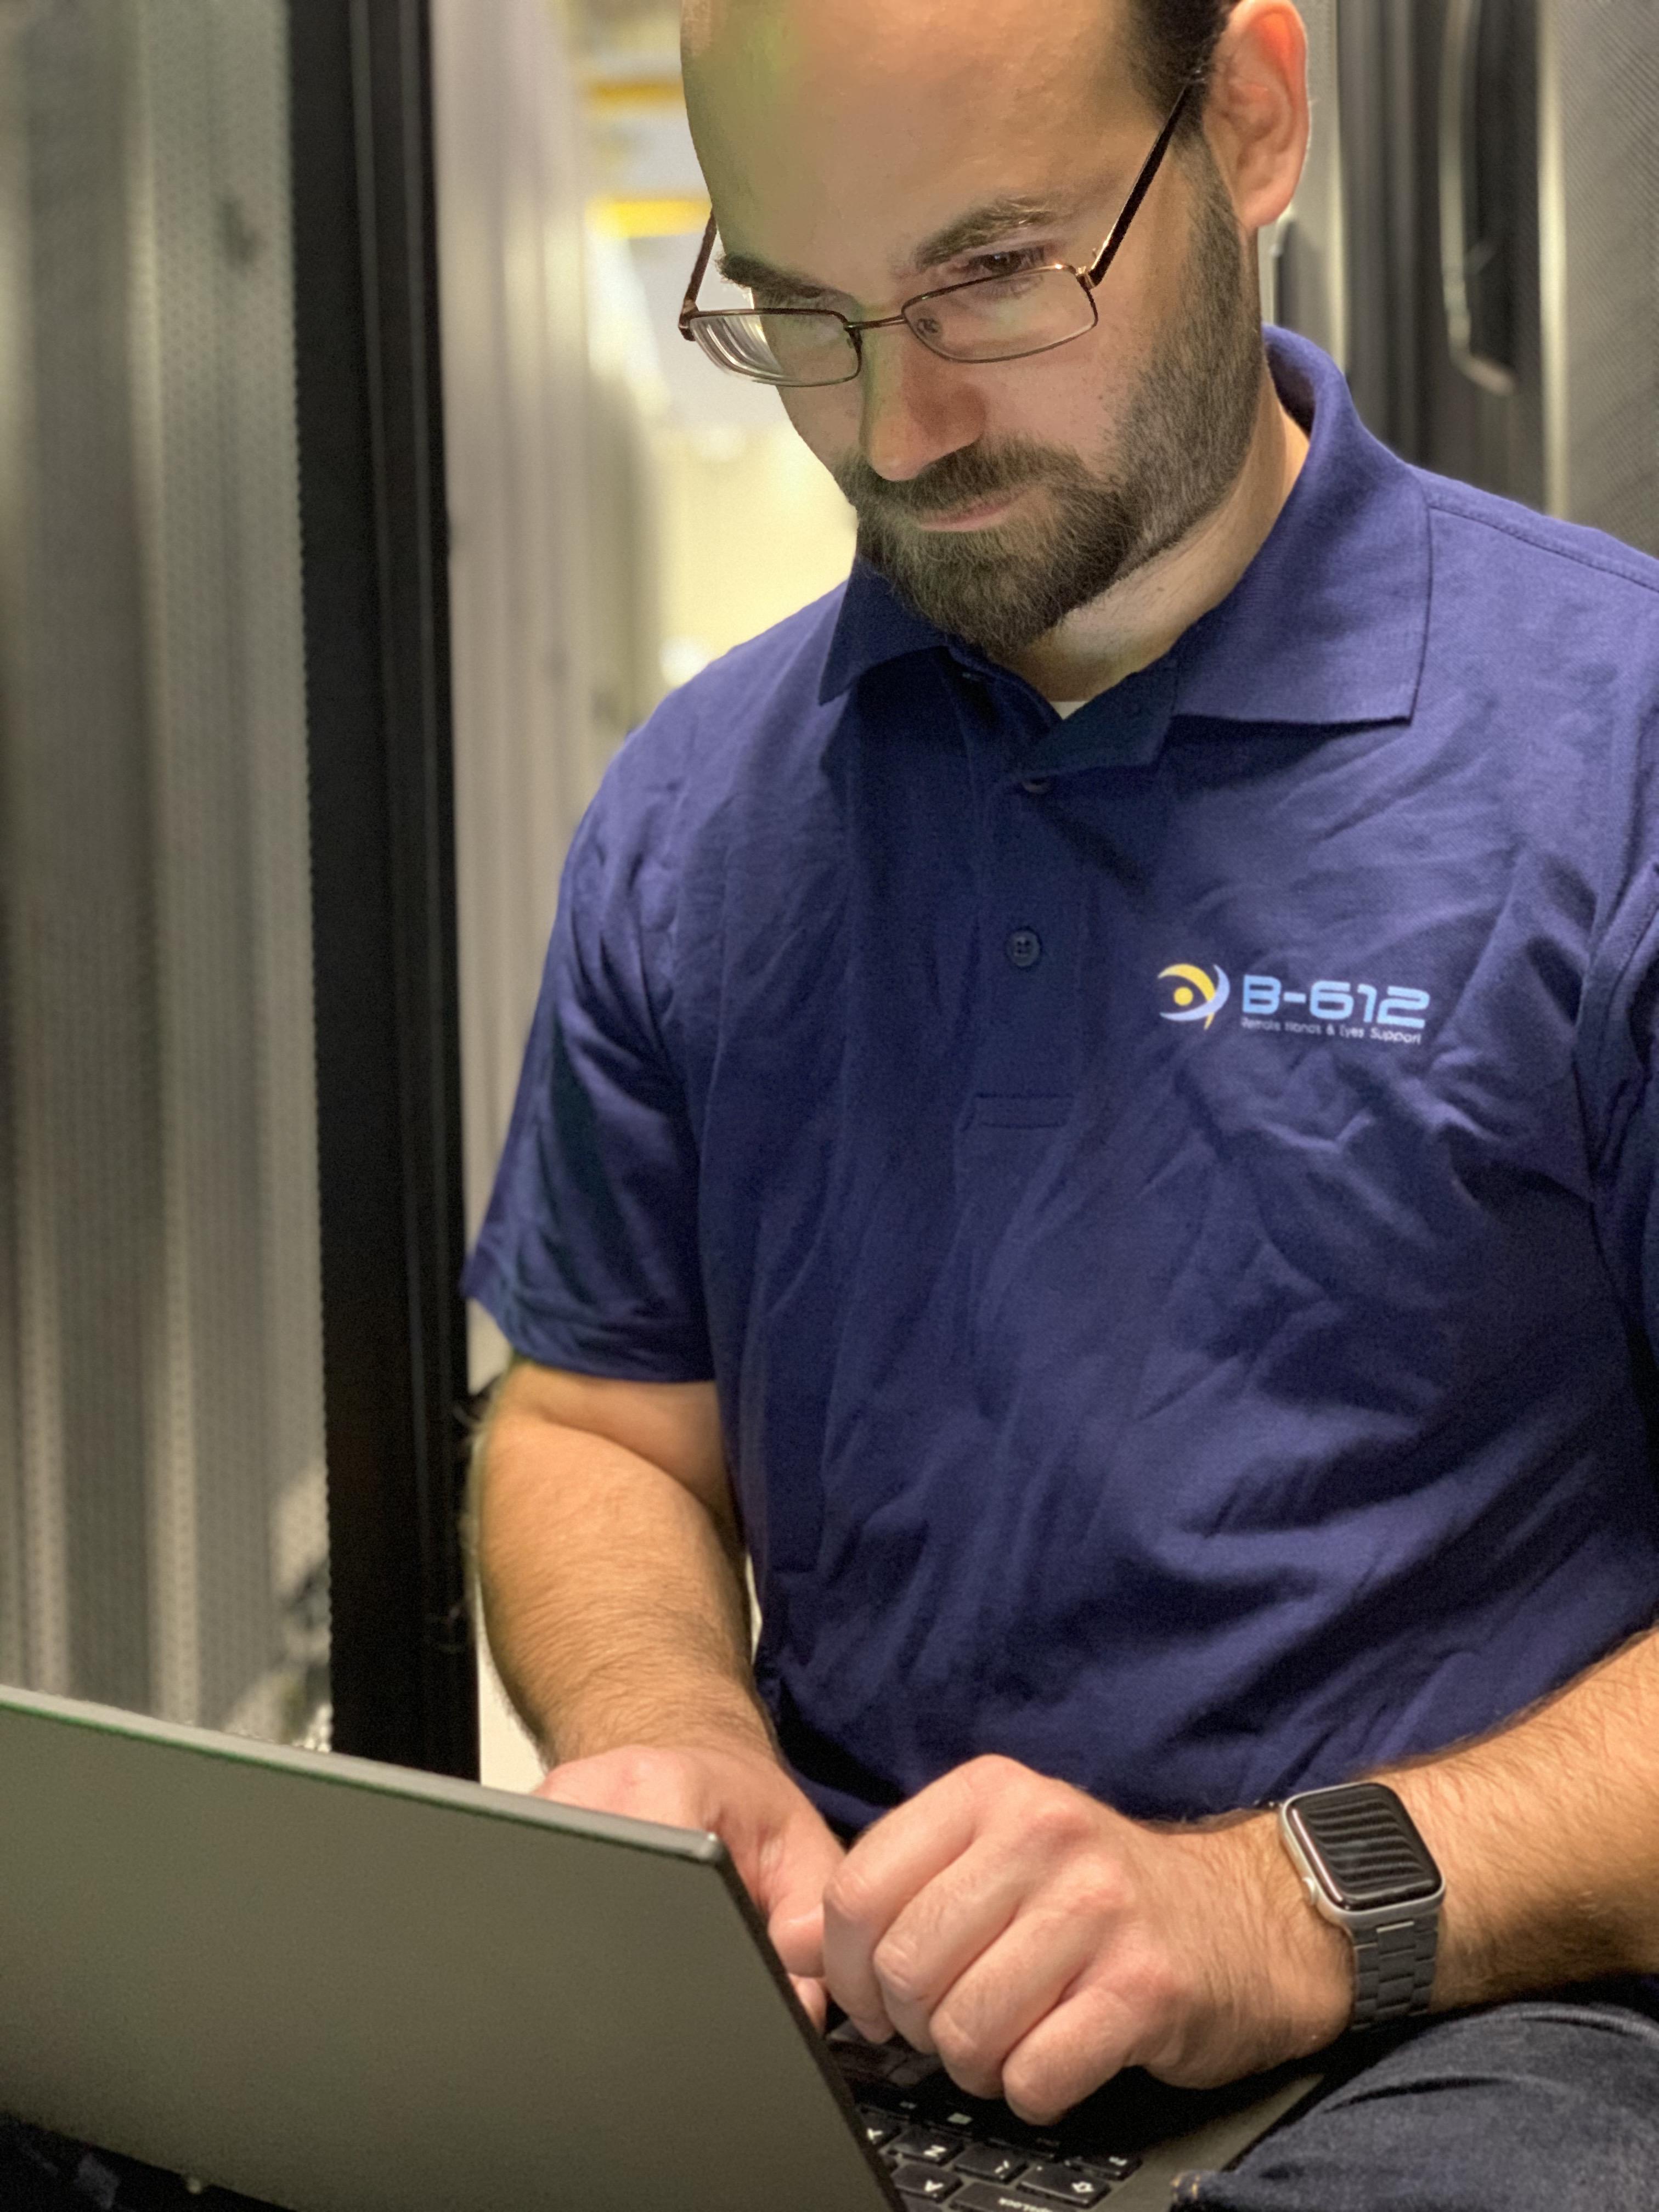 Engineer working inside a data center